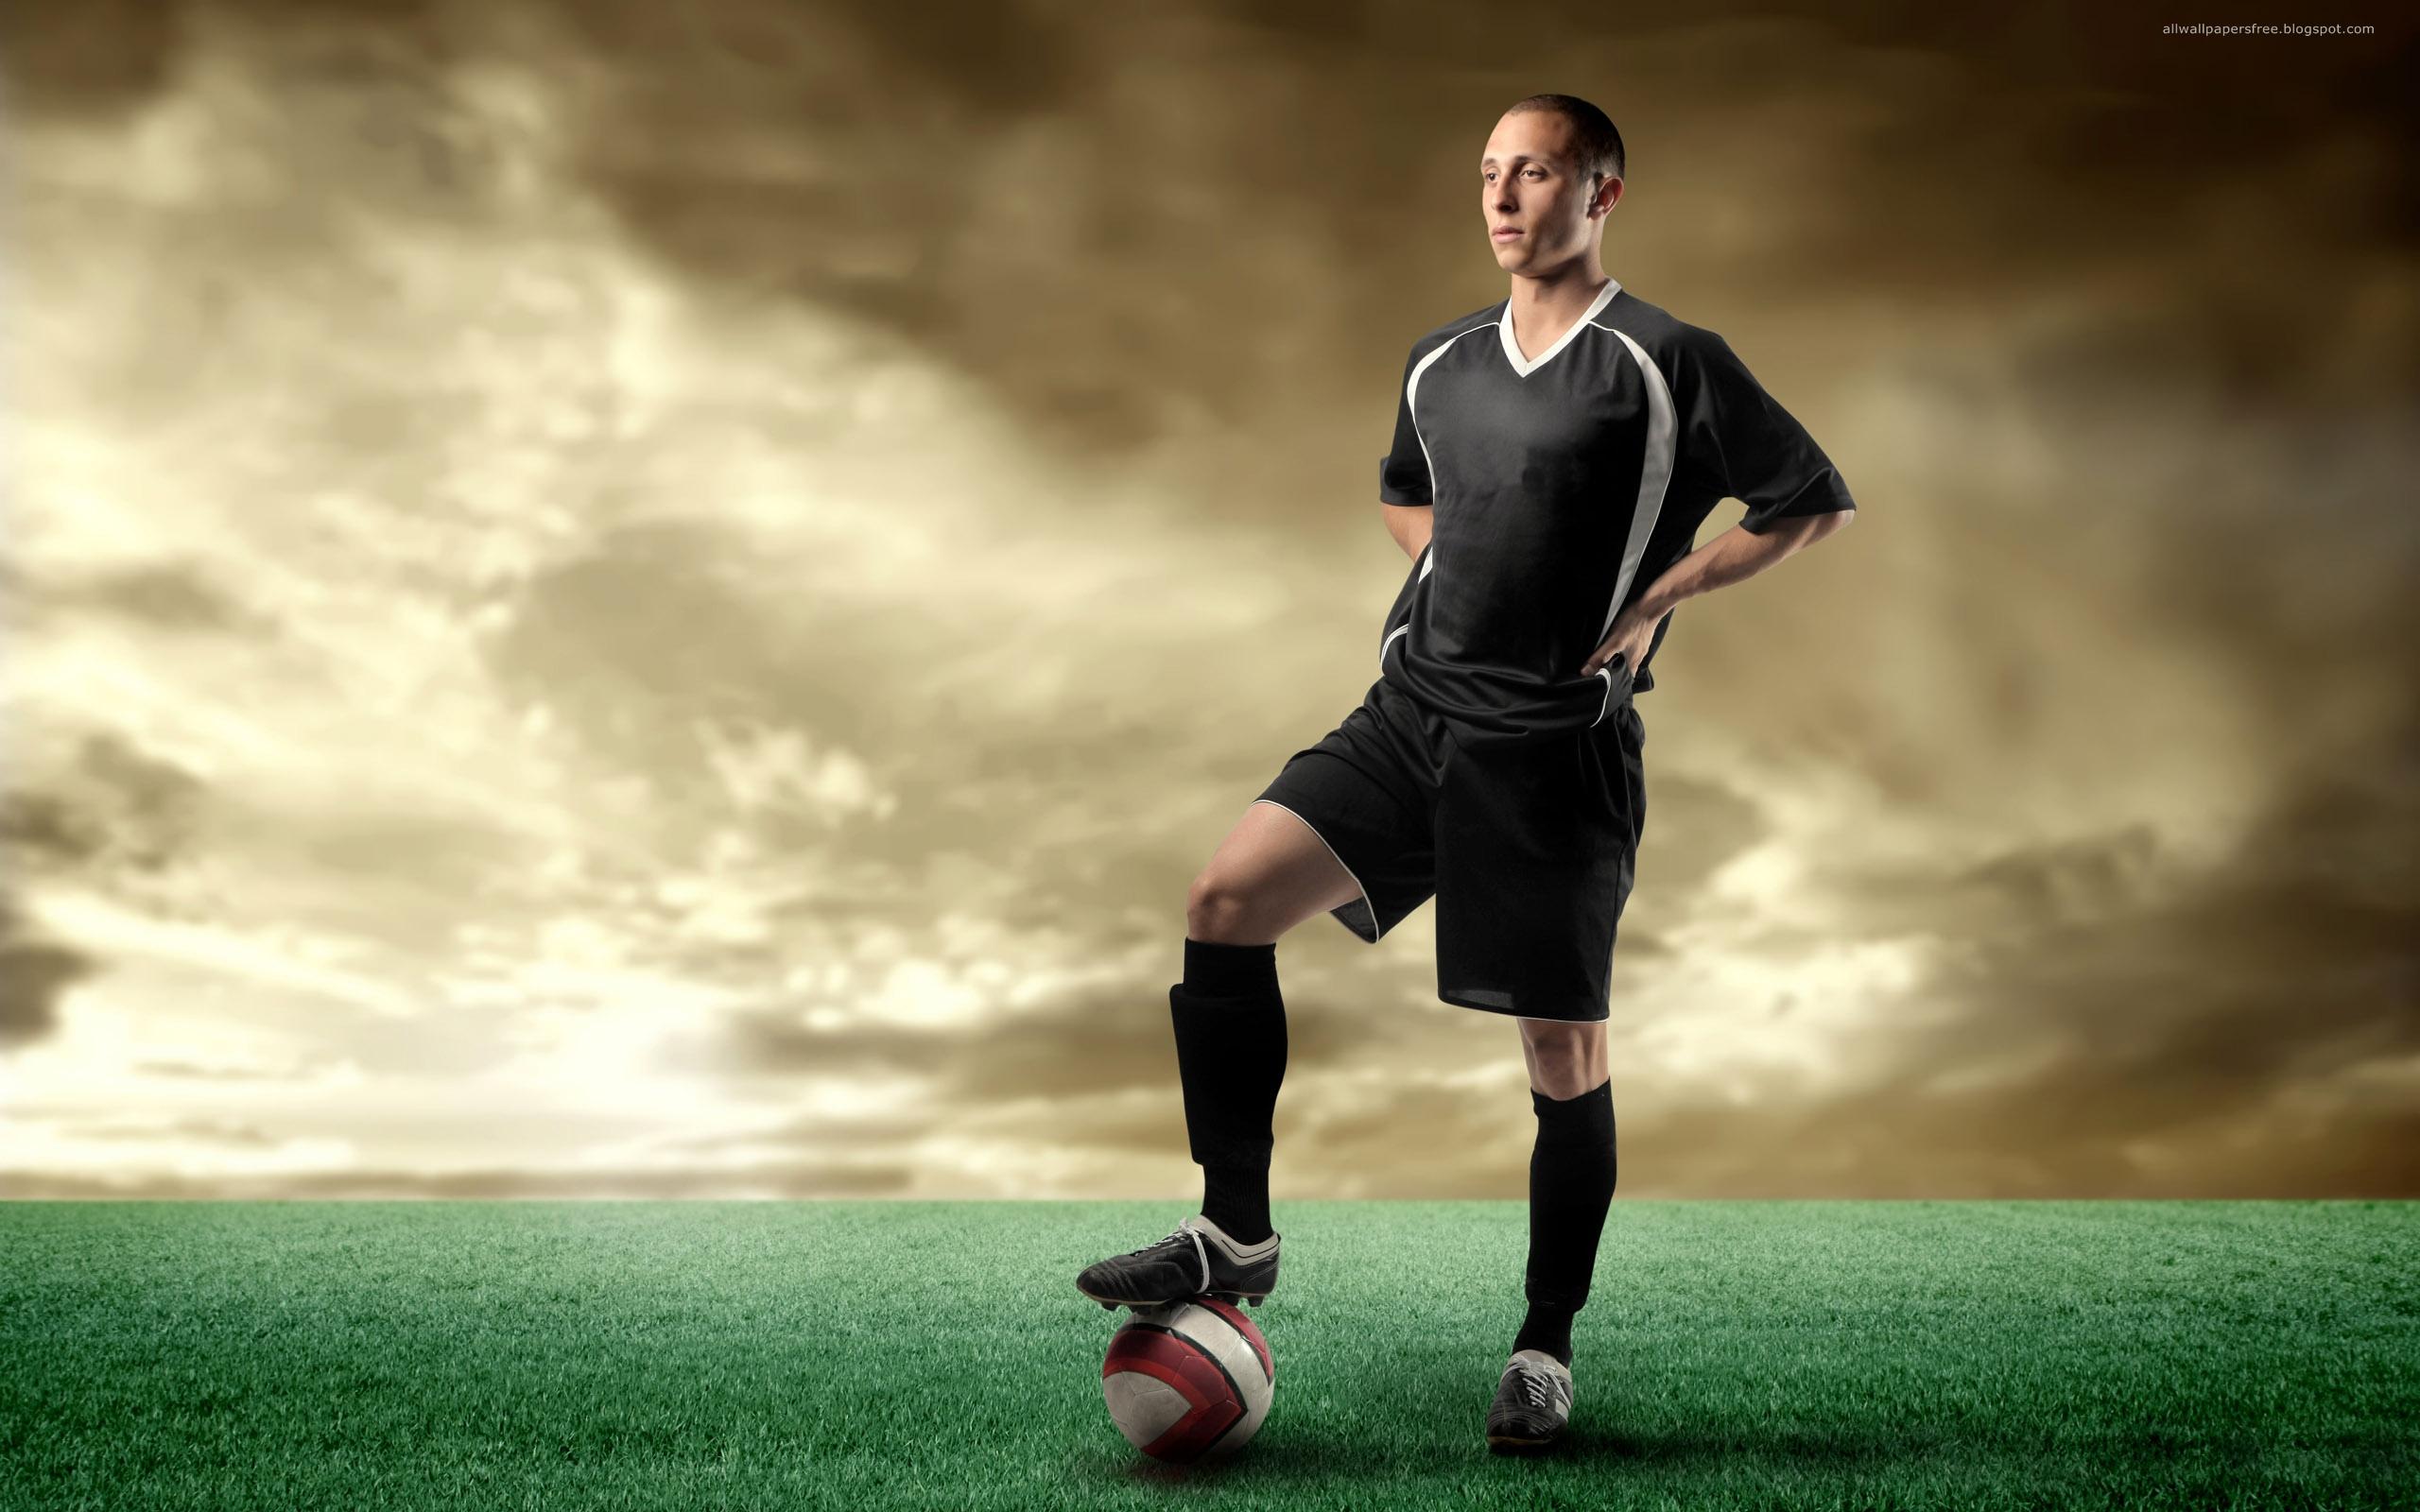 футболист, фото, обои для рабочего стола, фото